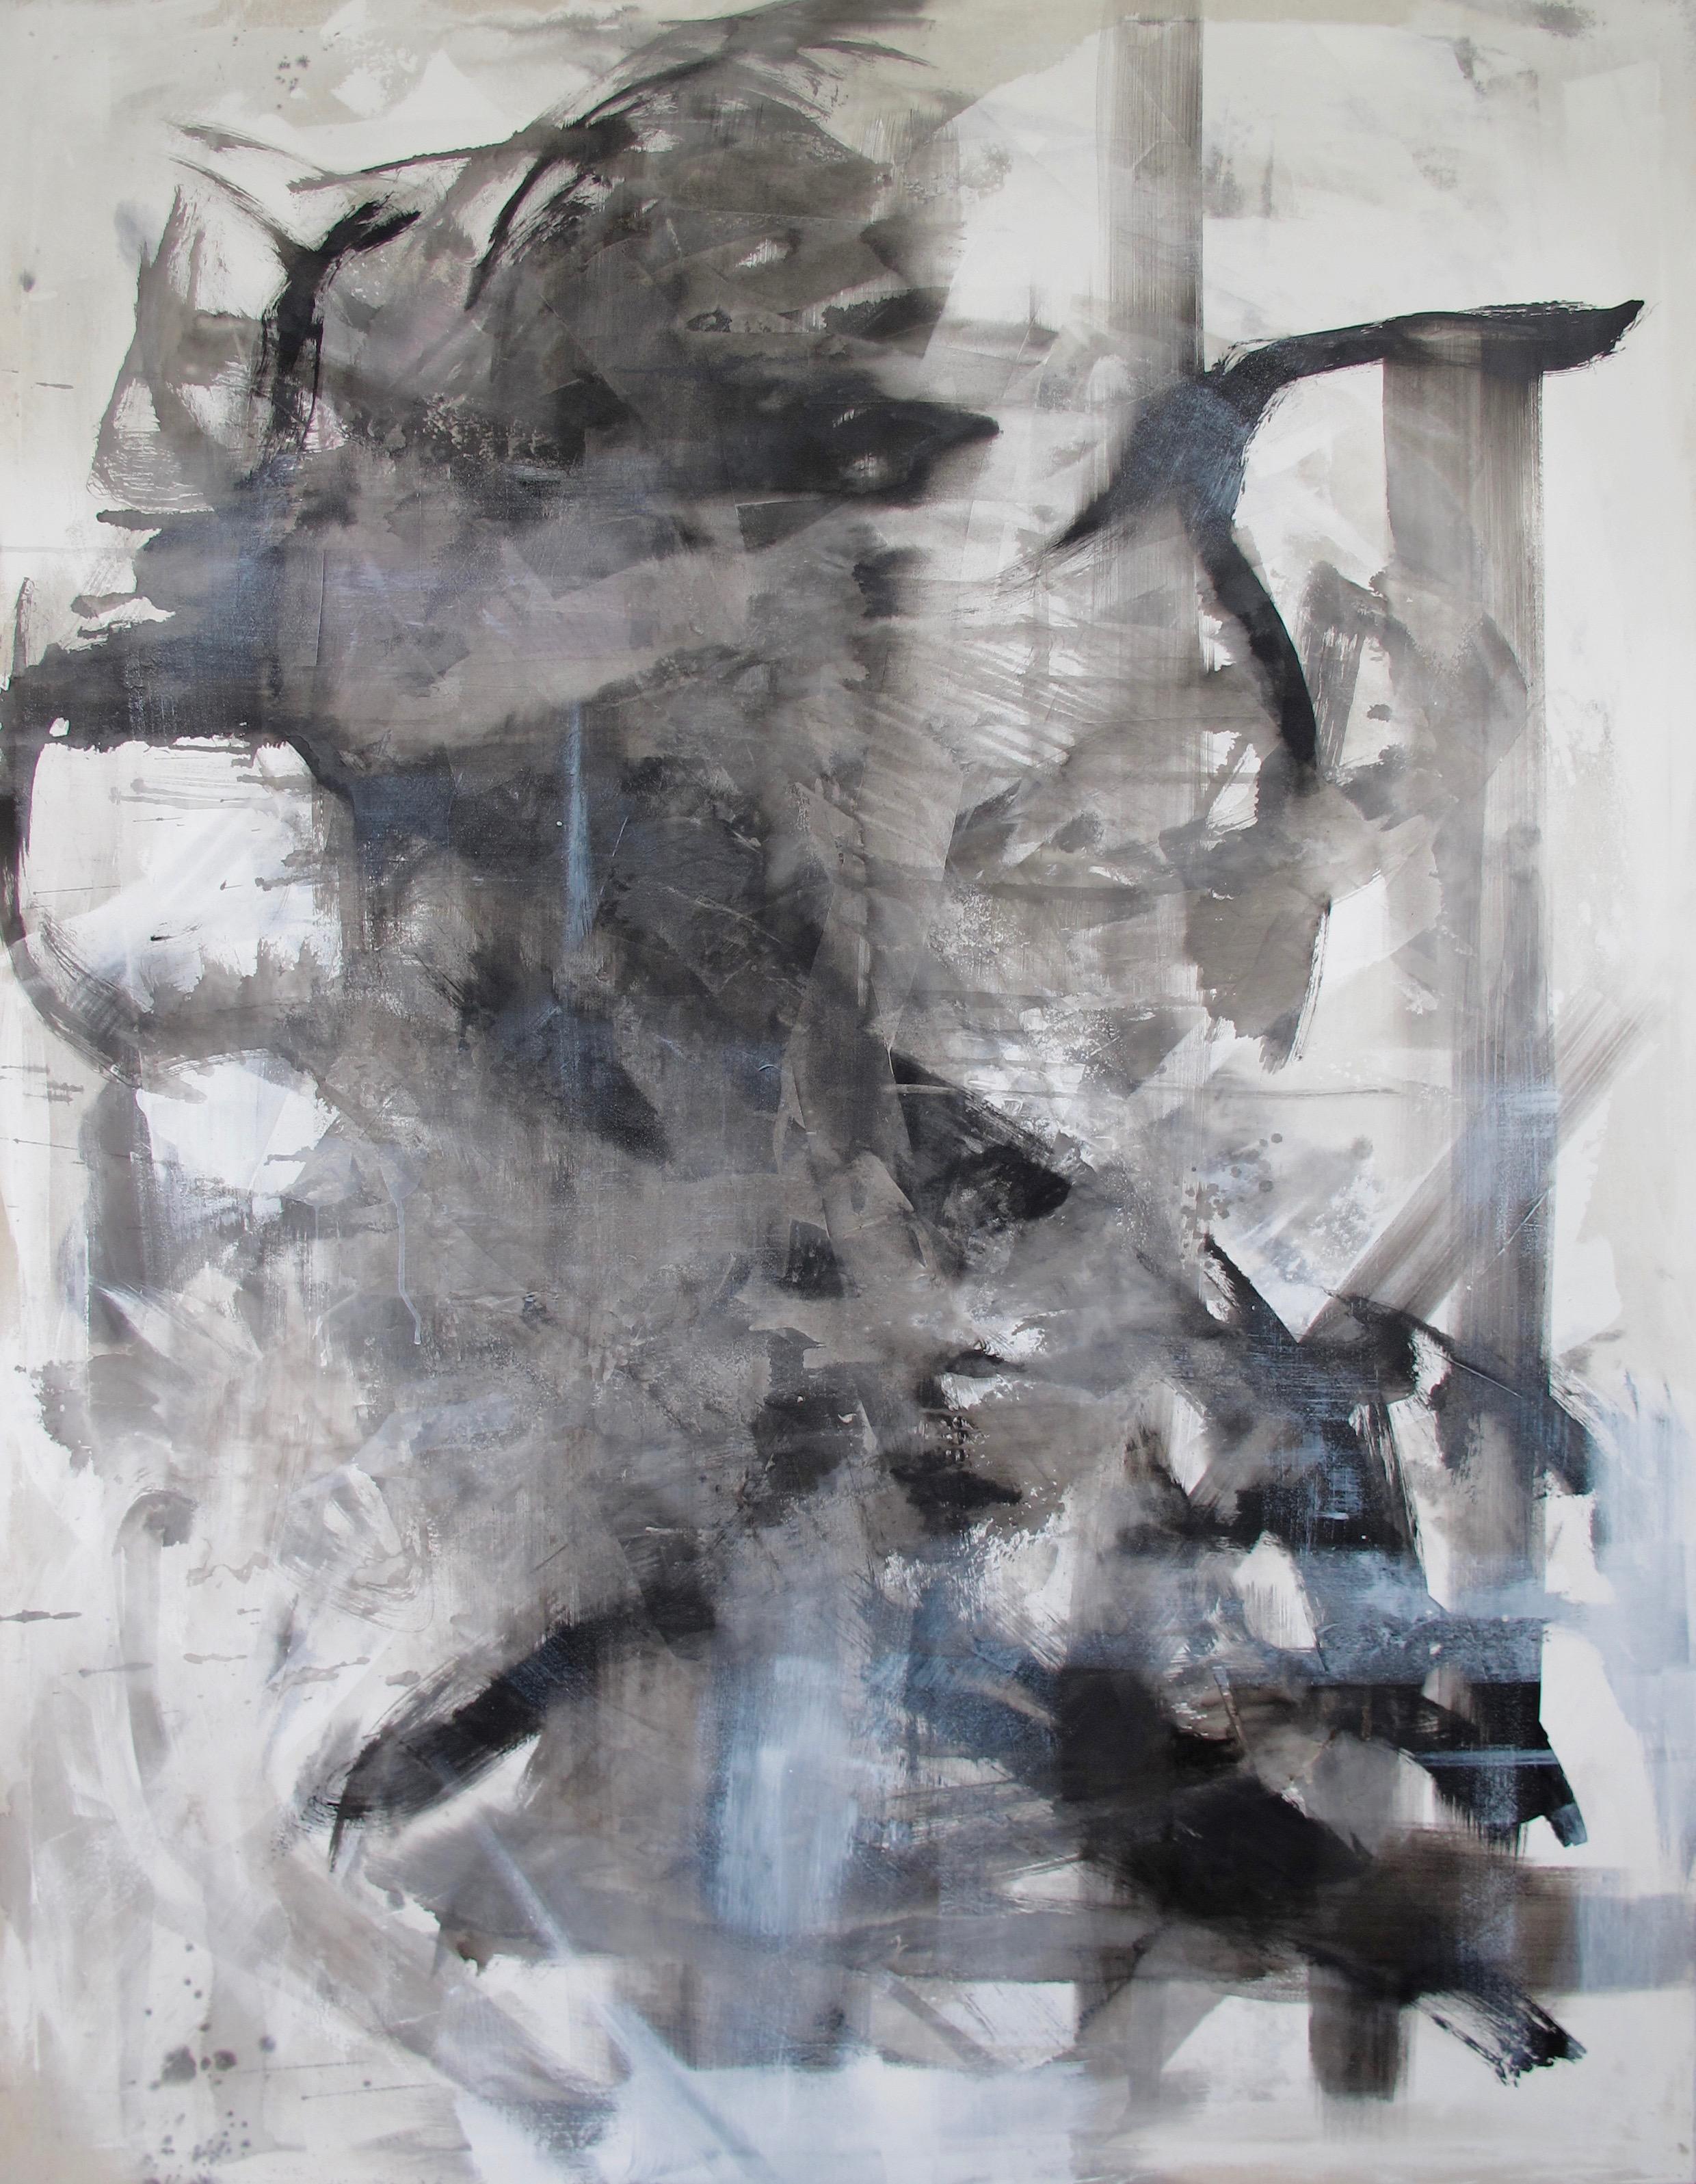 MaximilianMagnus_untitled_160x130cm_AcrylicOnCanvas_2015.jpg